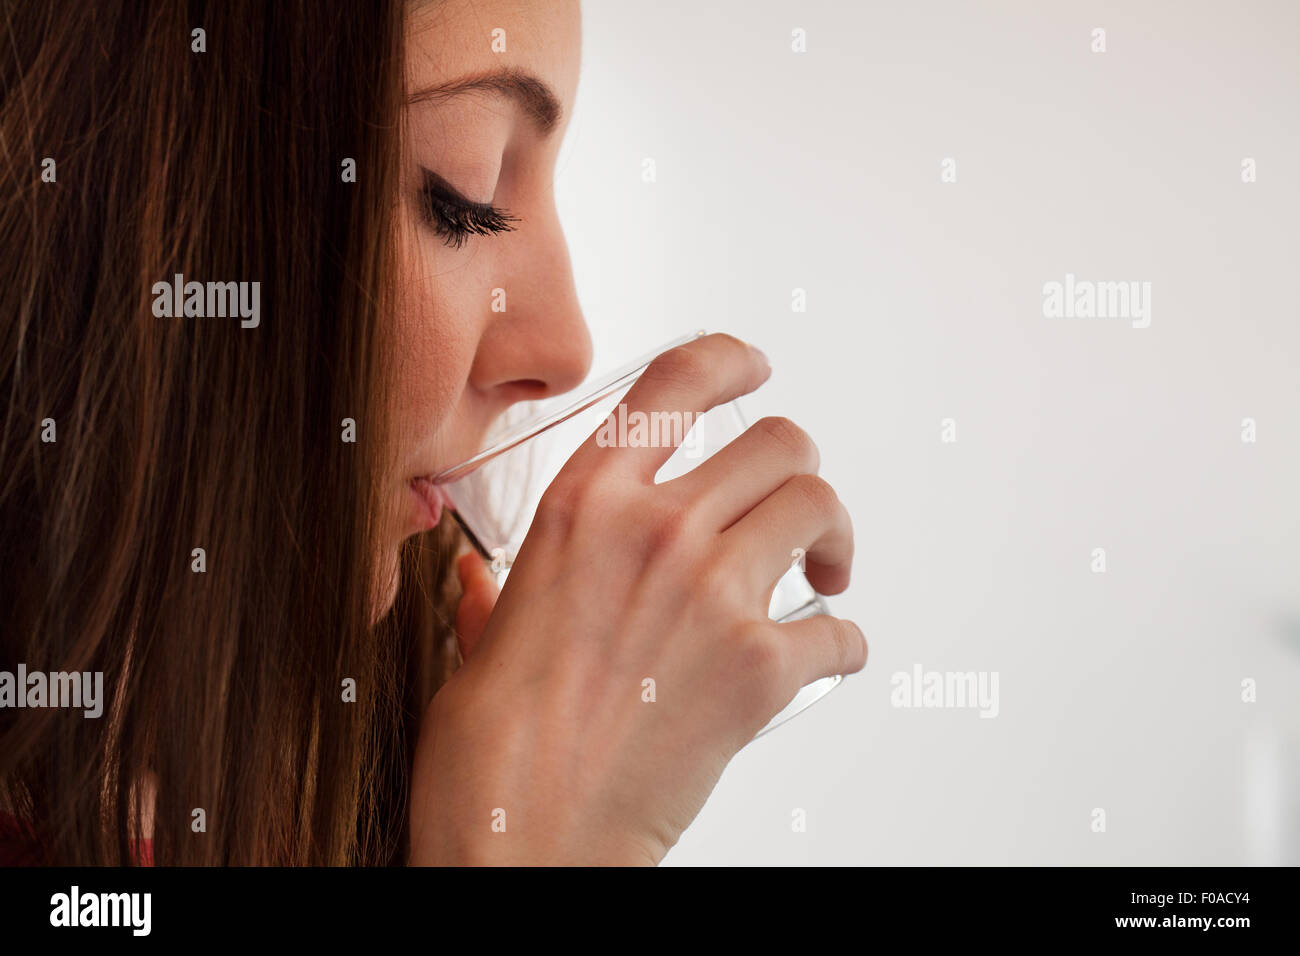 Junge Frau trinken Wasser aus Glas Stockbild